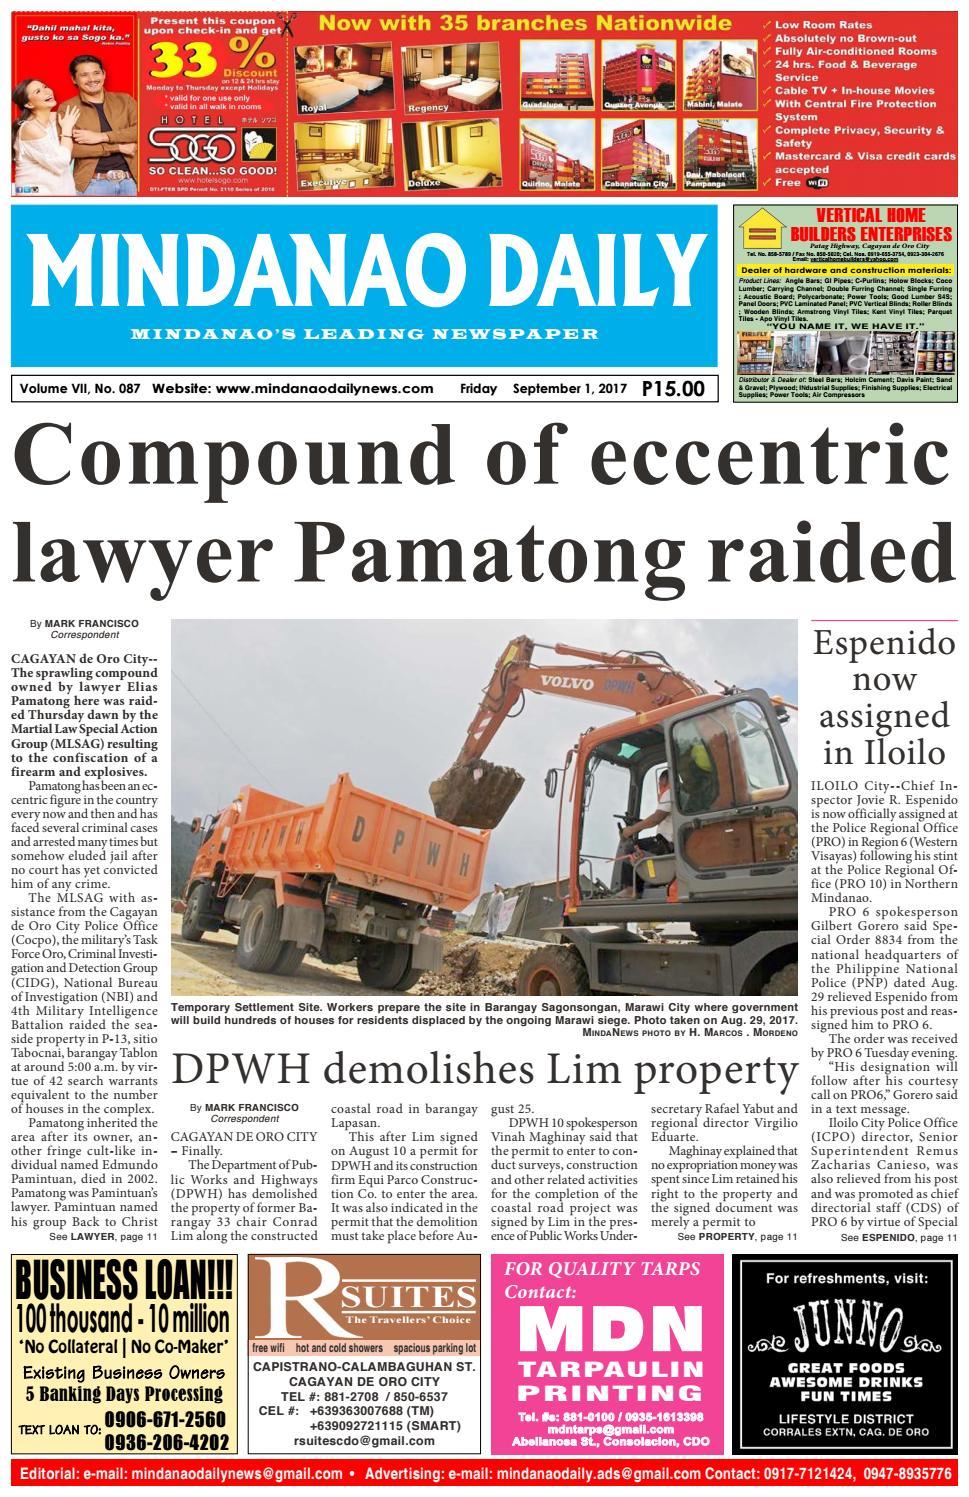 Mindanao Daily (September 1, 2017) by Mindanao Daily News - issuu